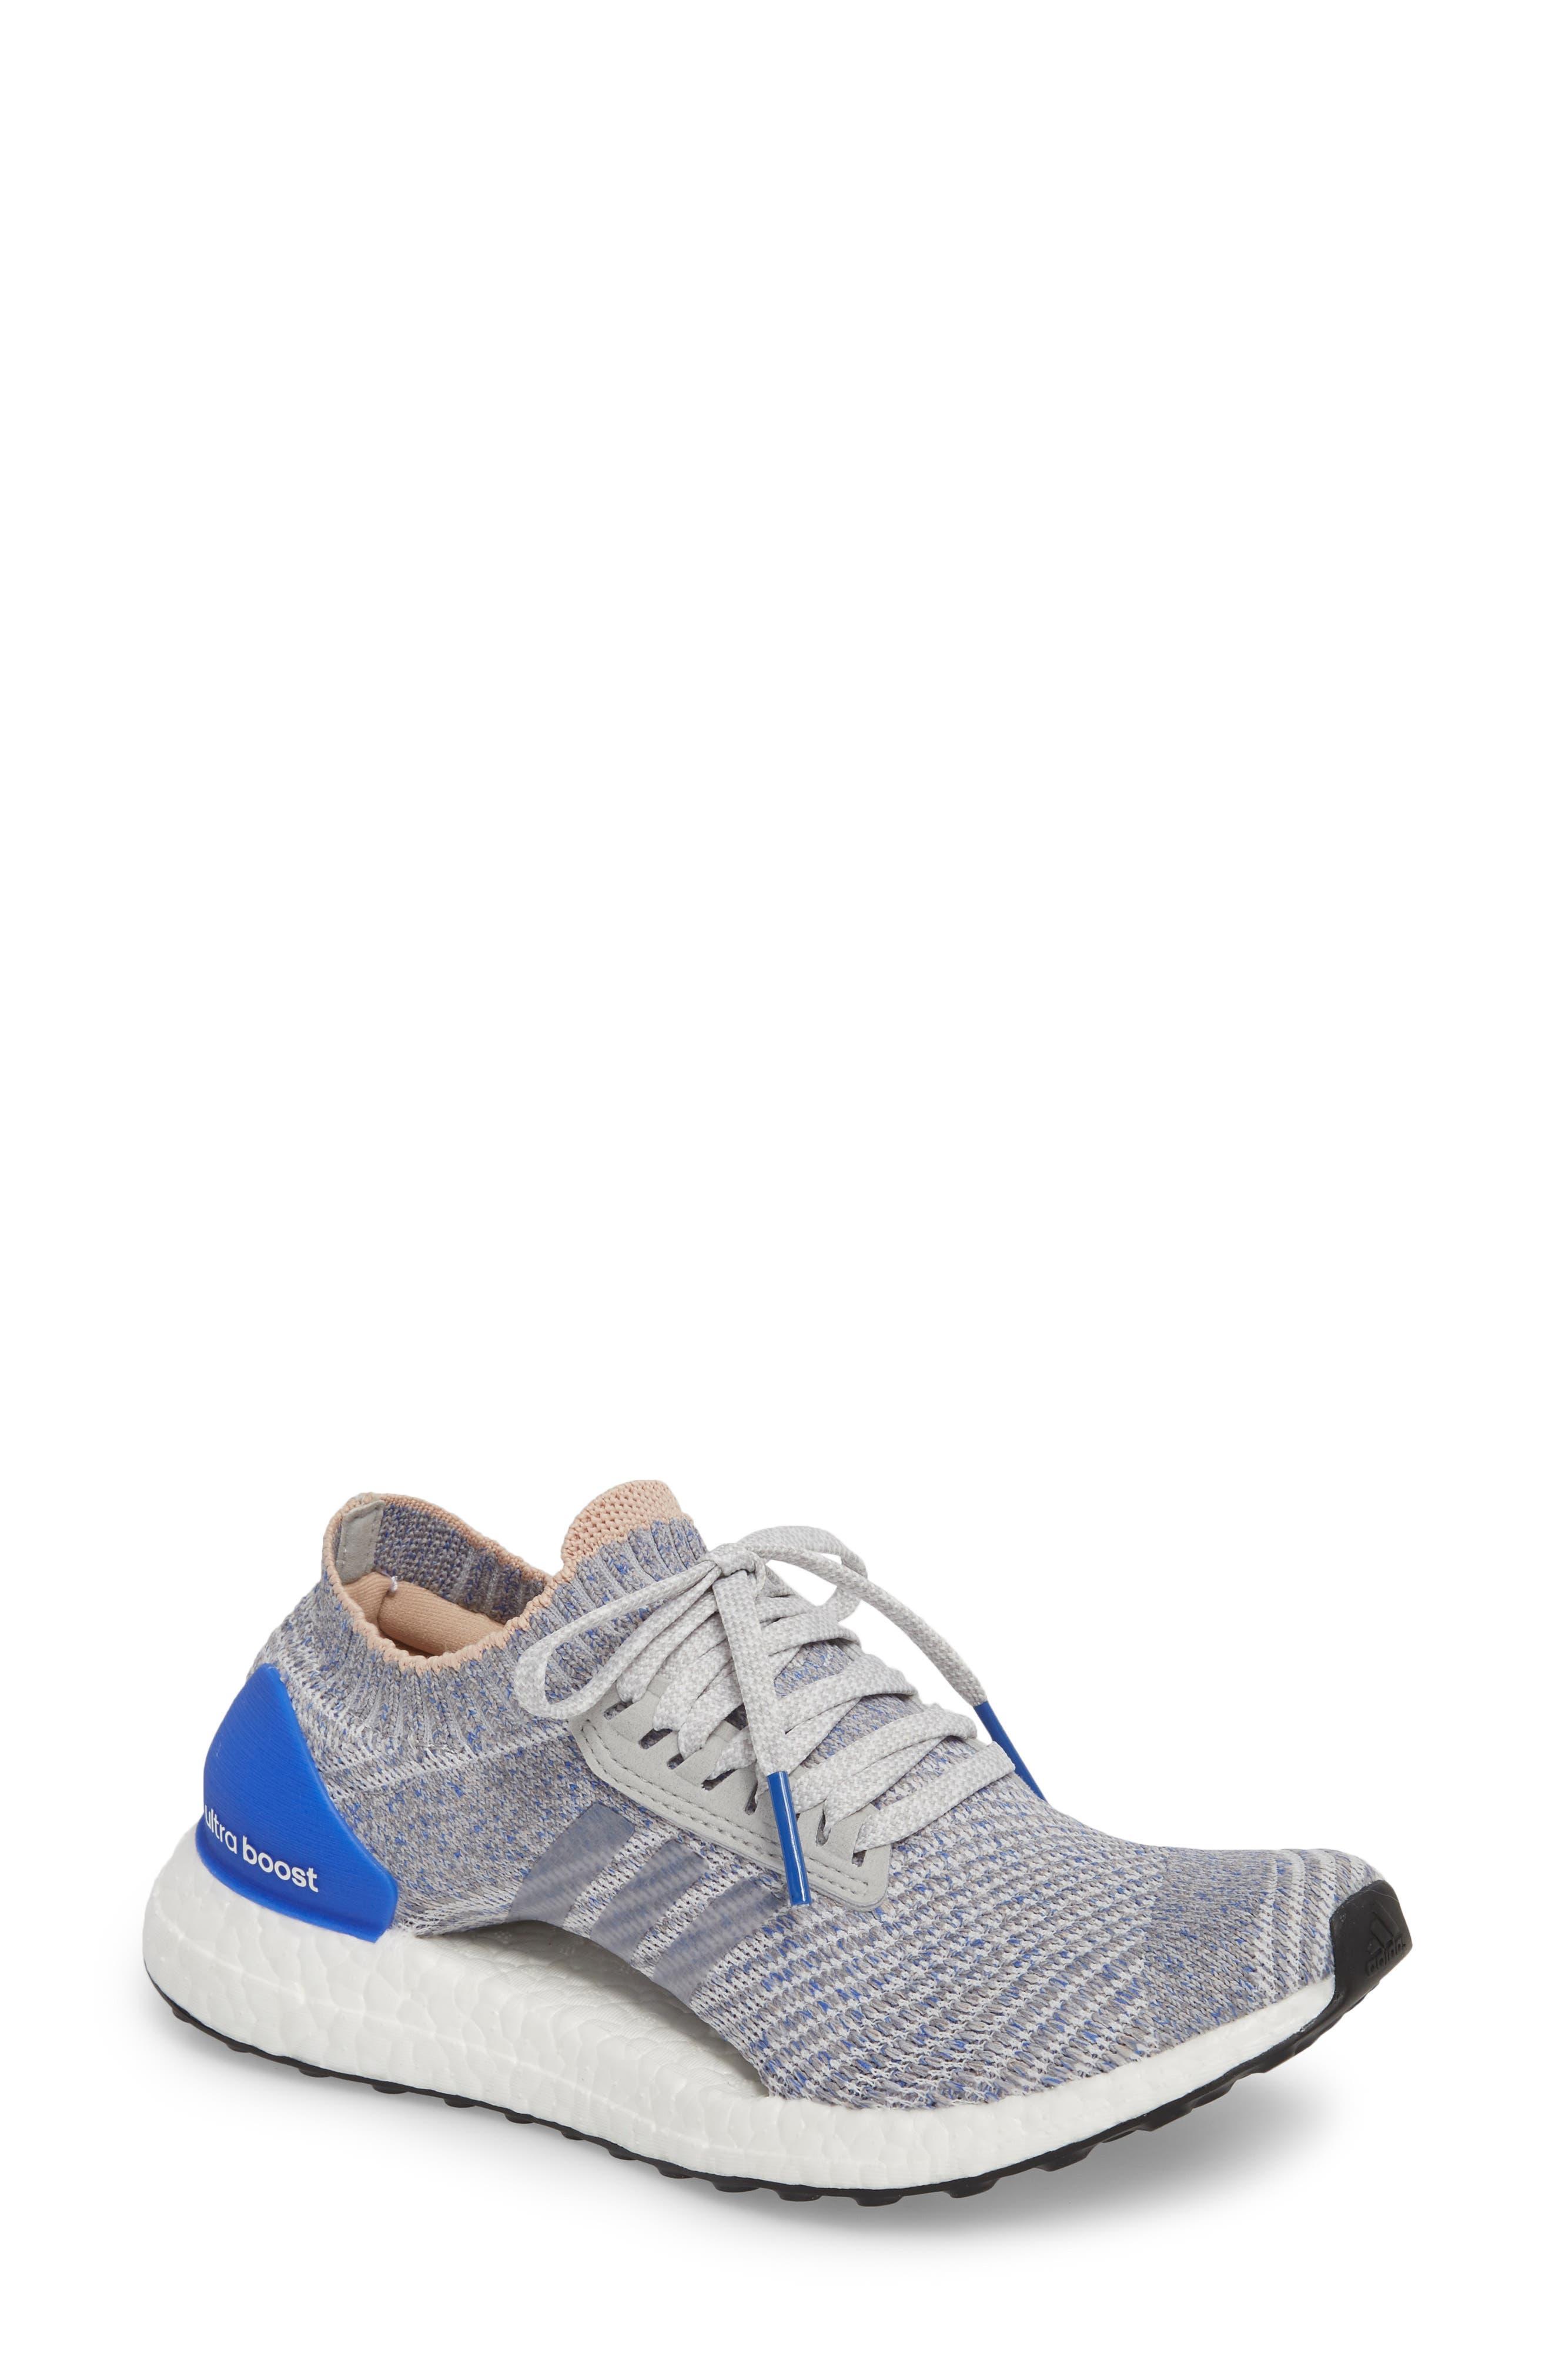 Main Image - adidas UltraBoost X Sneaker (Women)